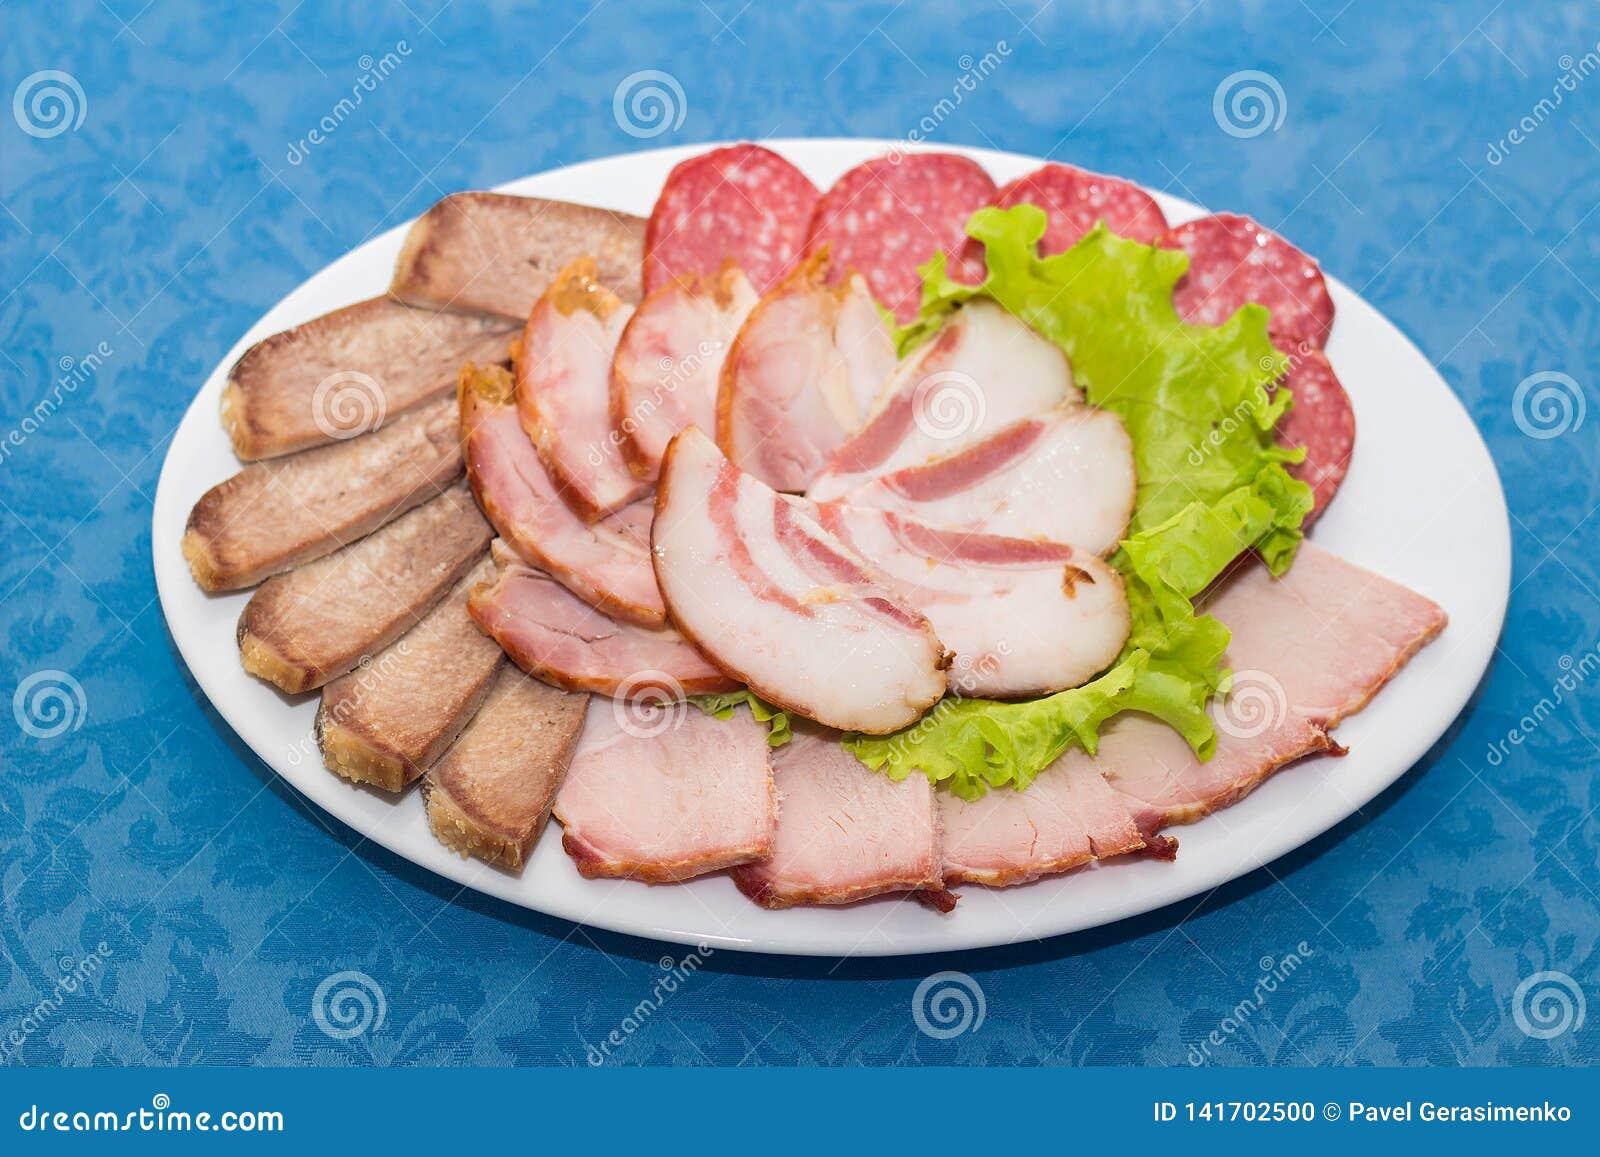 Mélange de viande, de saucisse et de jambon coupés en tranches